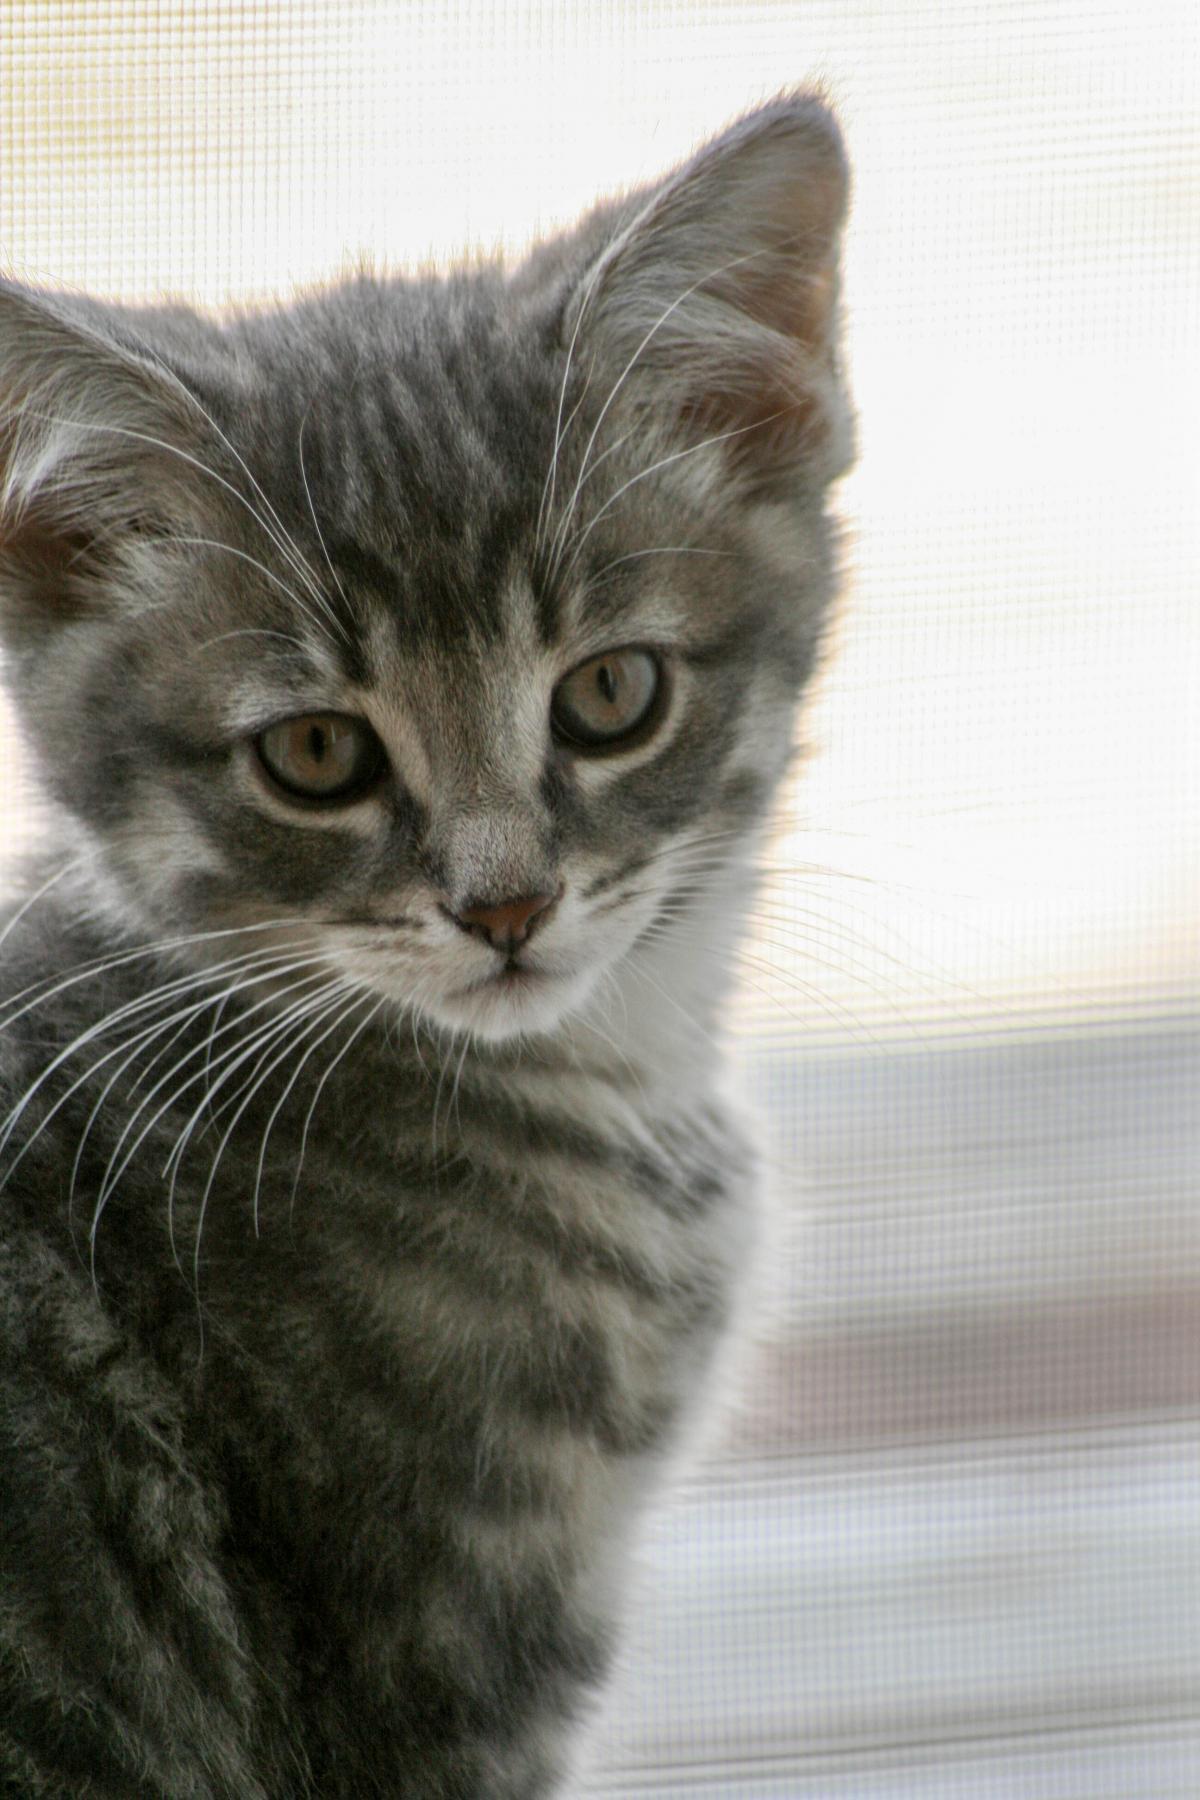 Kitten Cat Feline #425716